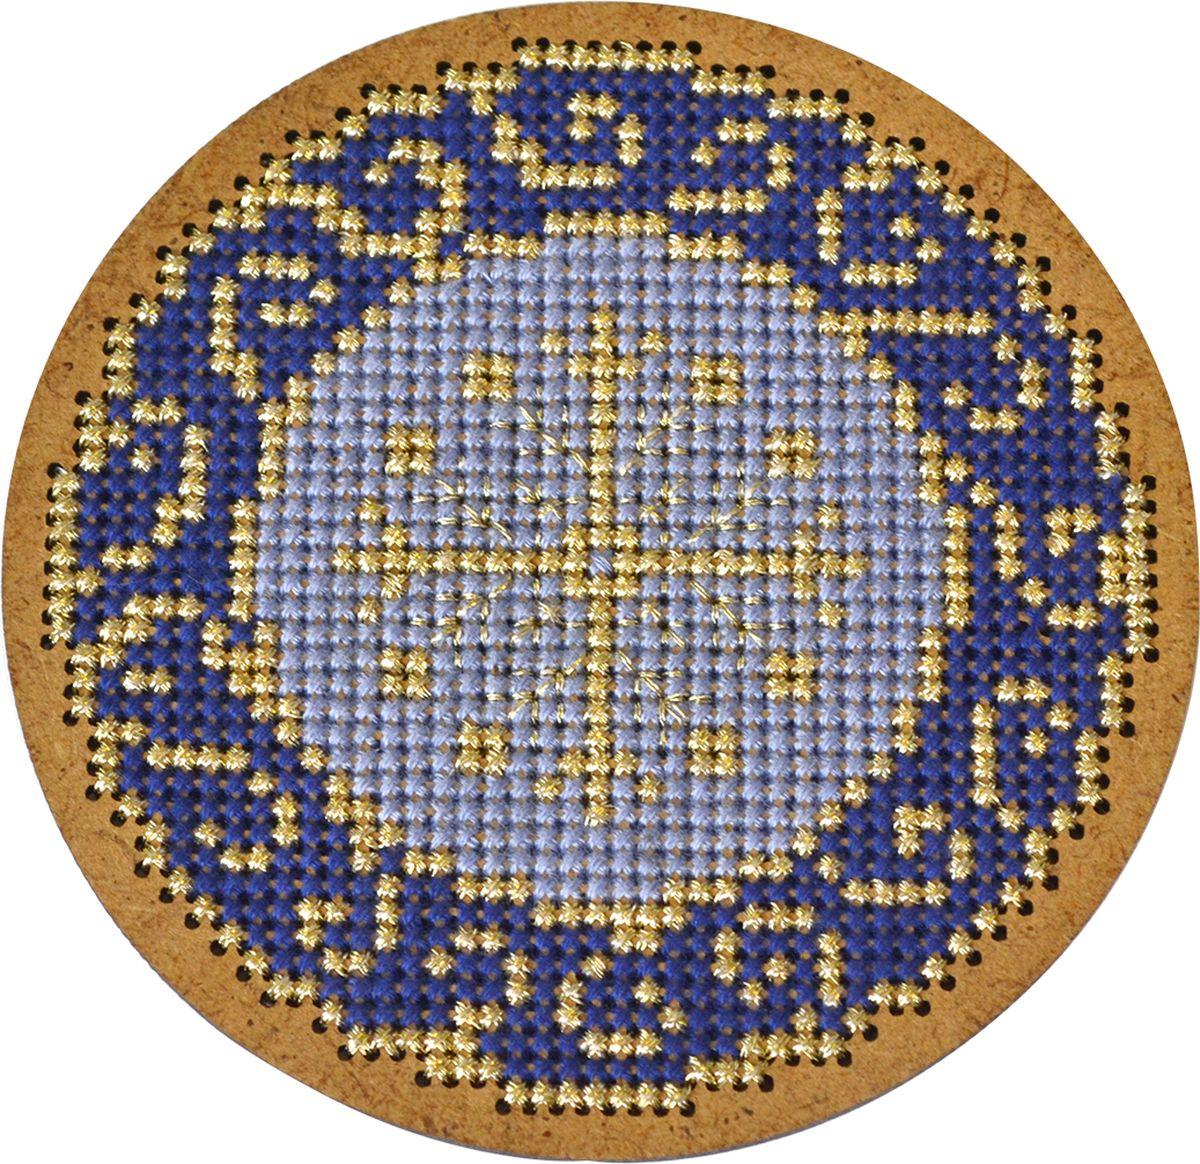 Набор для вышивания крестом Созвездие Новогодняя игрушка. Золотая роспись, 8,5 х 8,5 см набор для вышивания крестом luca s дневной котенок 5 5 х 10 см